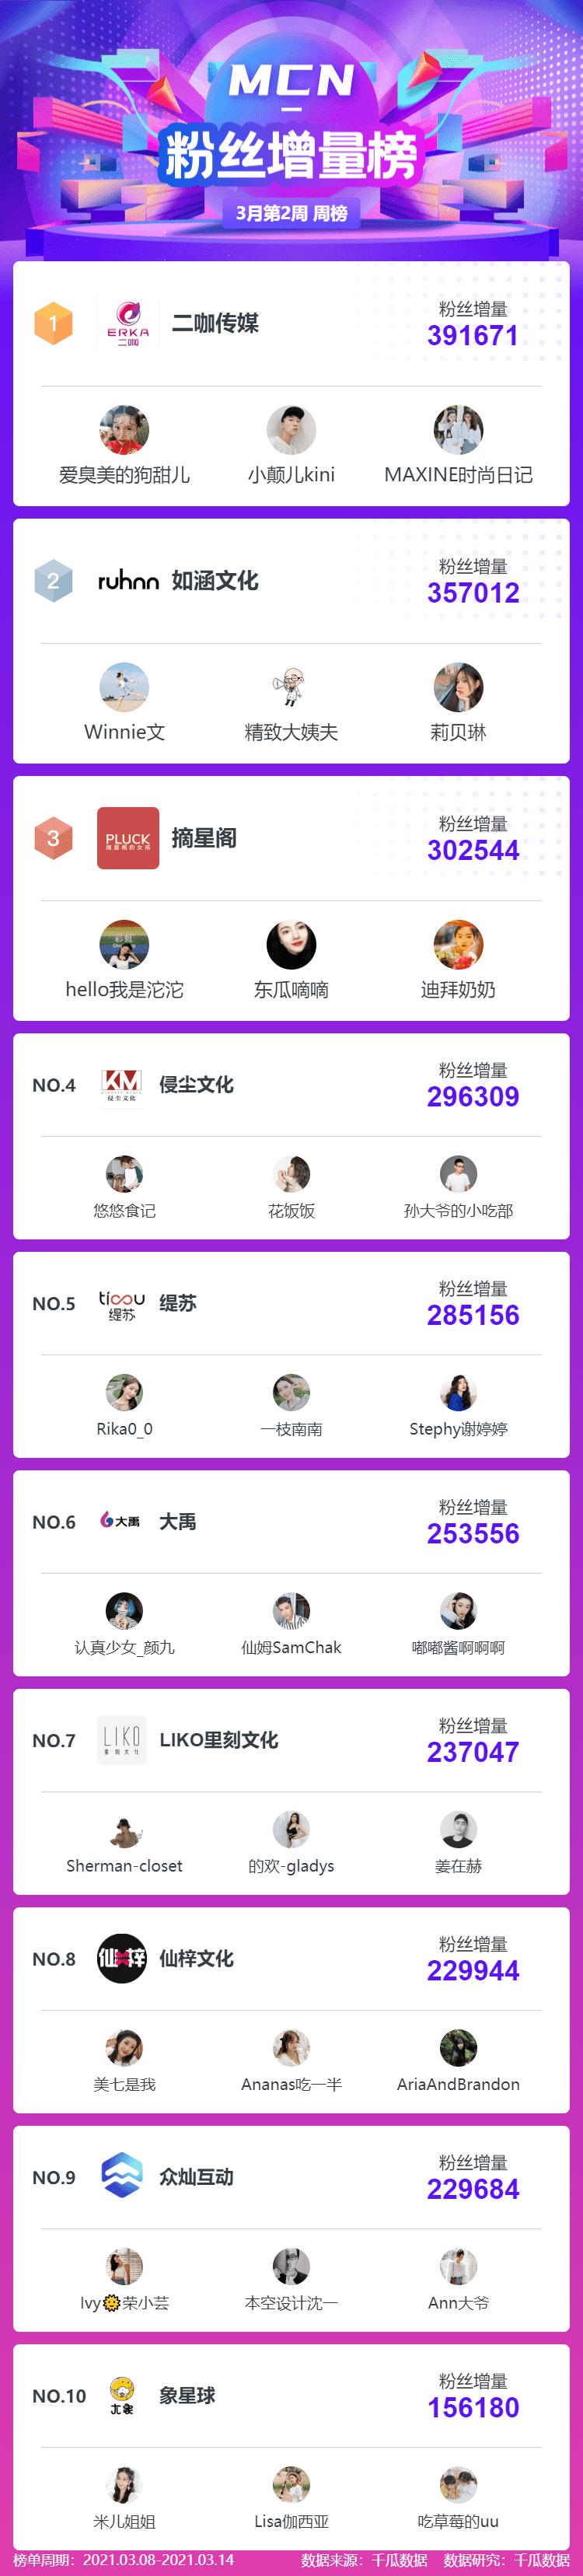 """月第2周小红书品牌机构创作者排行榜"""""""